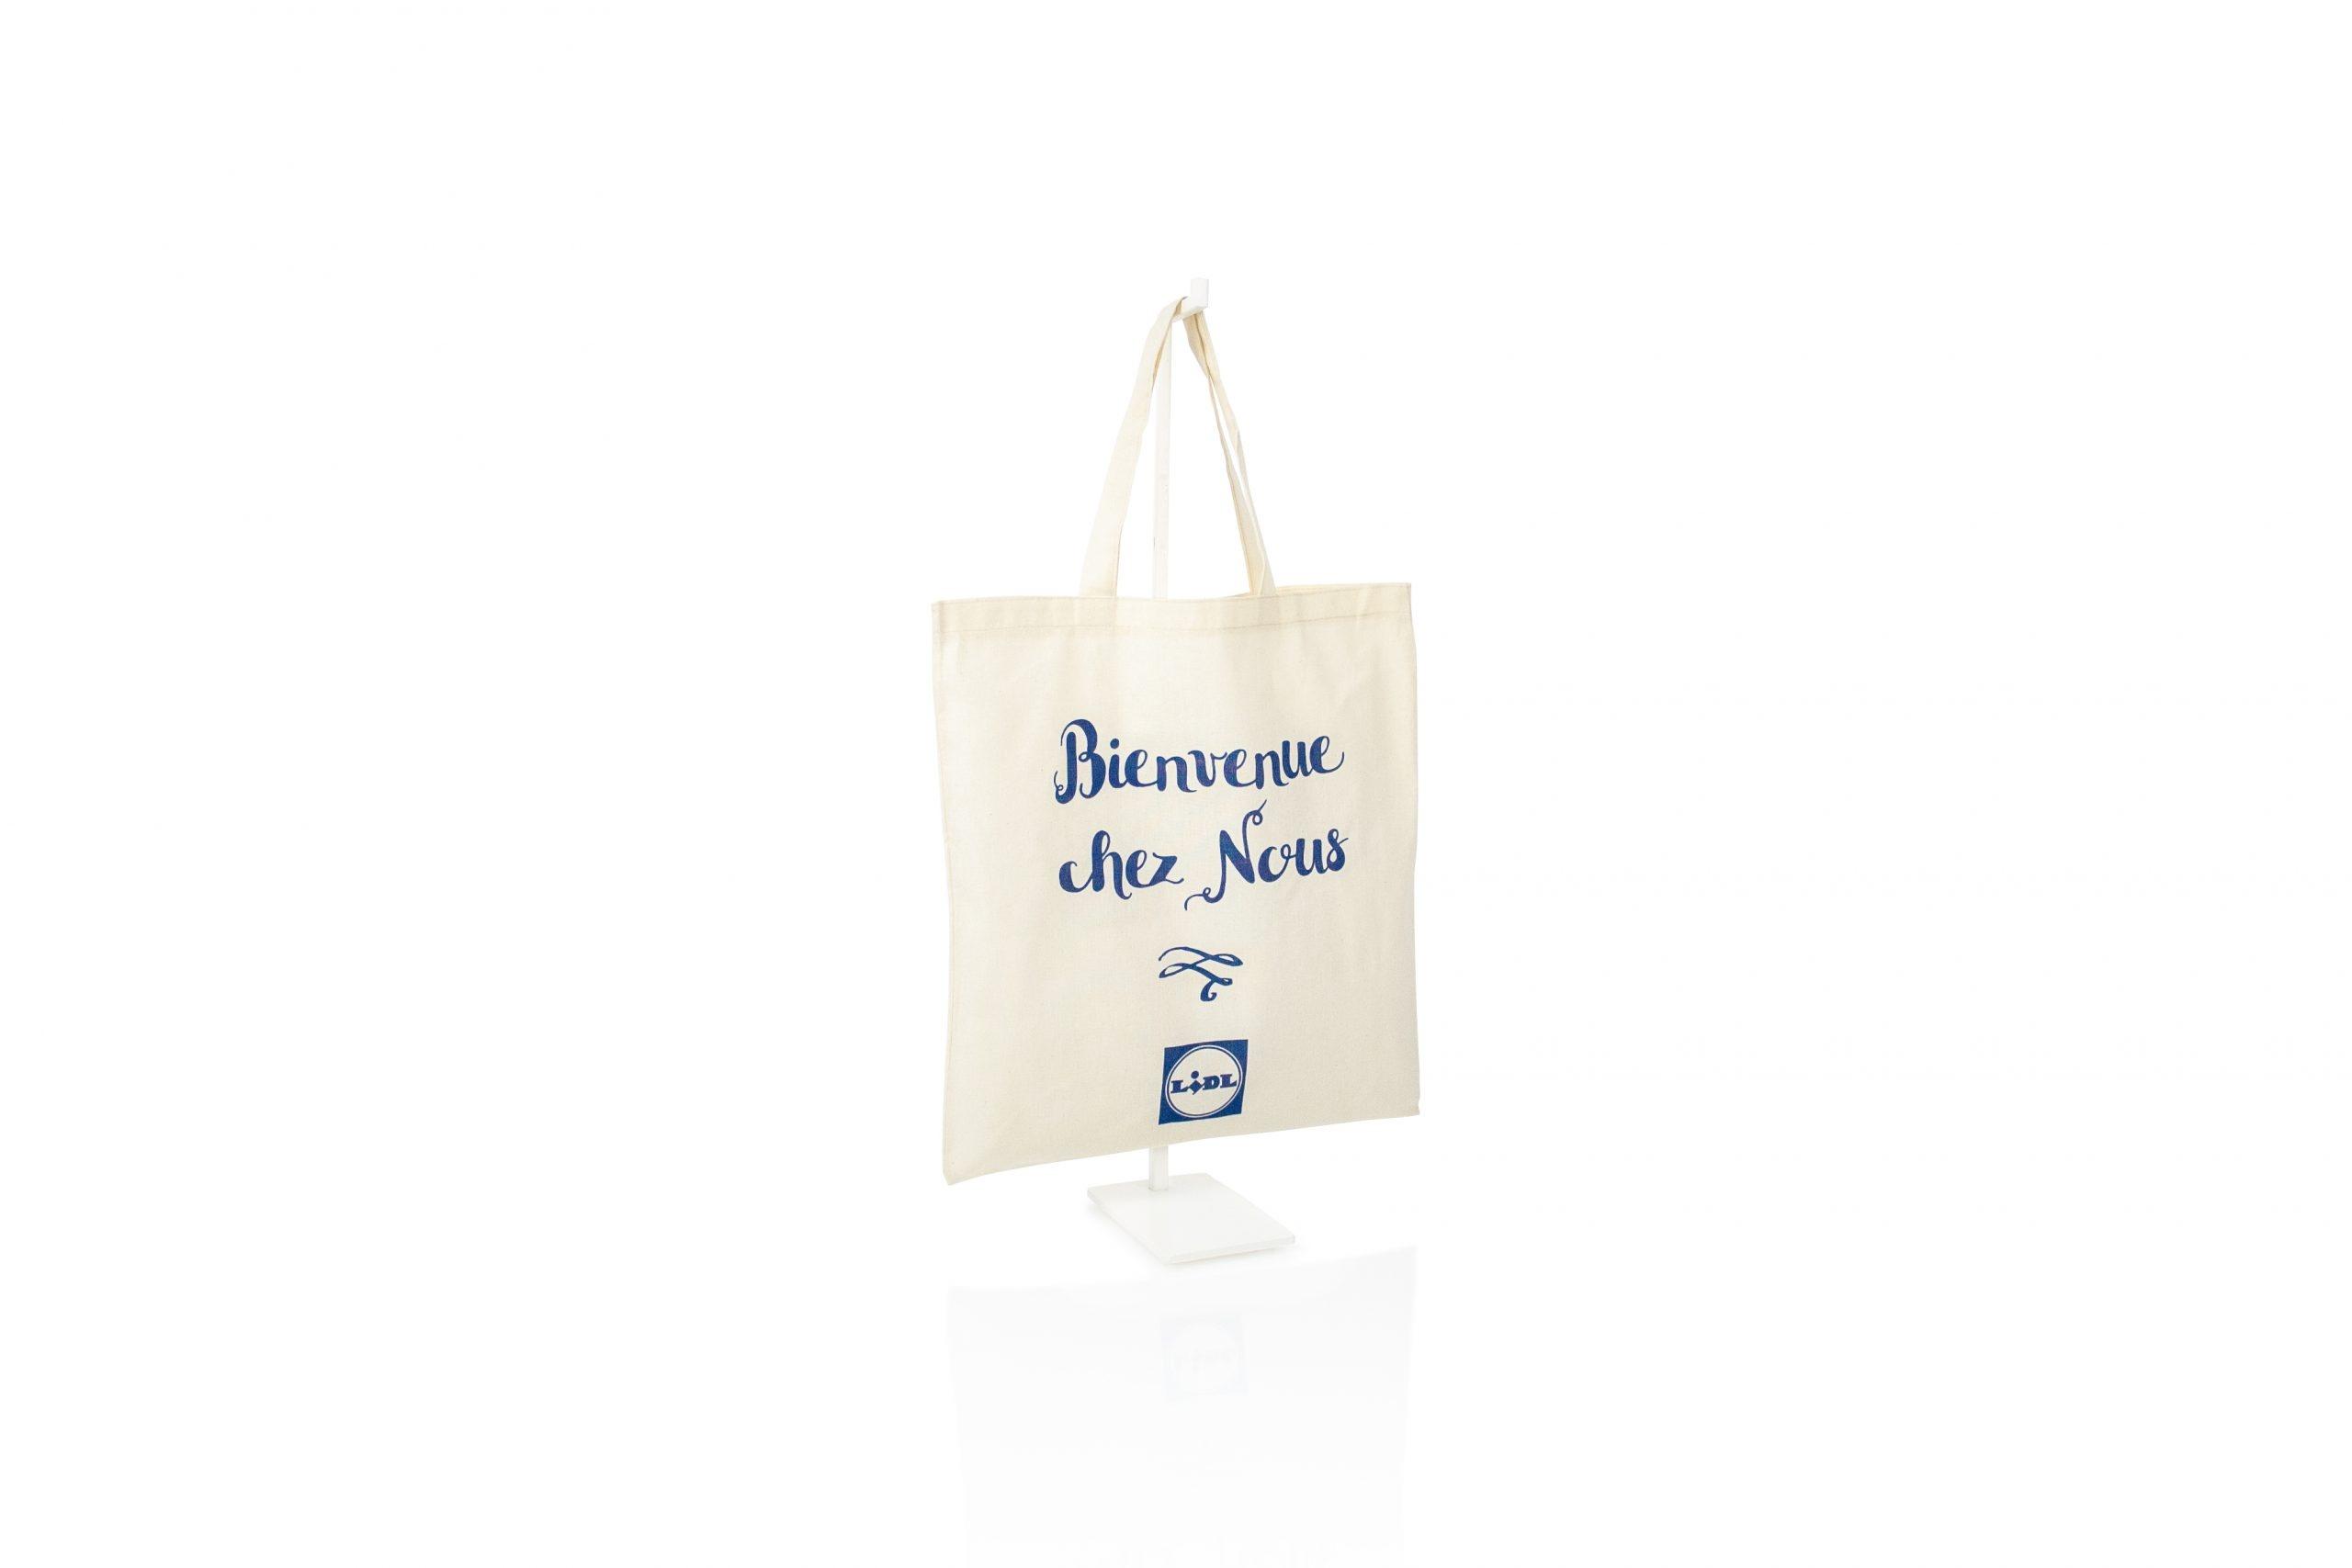 Tote bag katoen OEKOTEX gecertificeerd made in EU geschikt voor retail